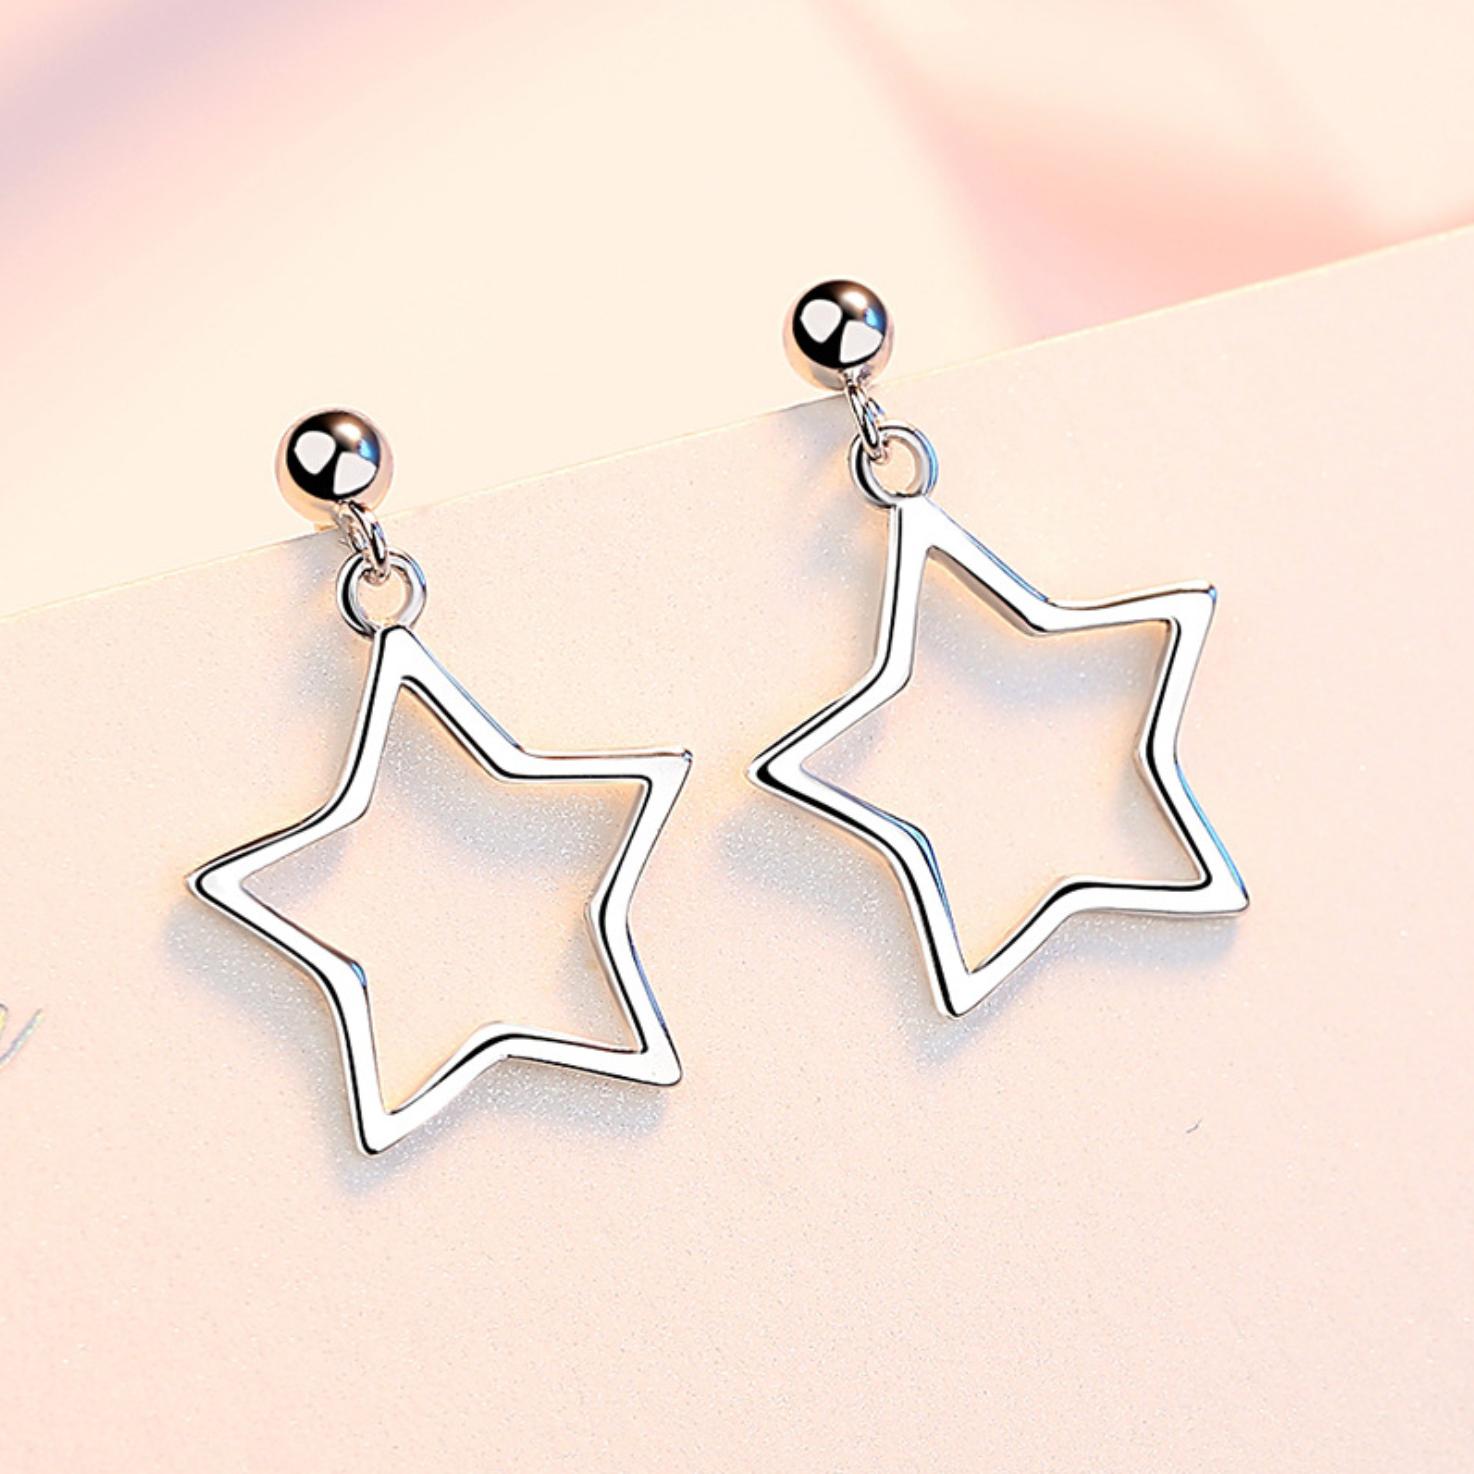 Jewellery - 925 Sterling Silver Star Bead Drop Stud Earrings Womens Girls Jewellery New Gift